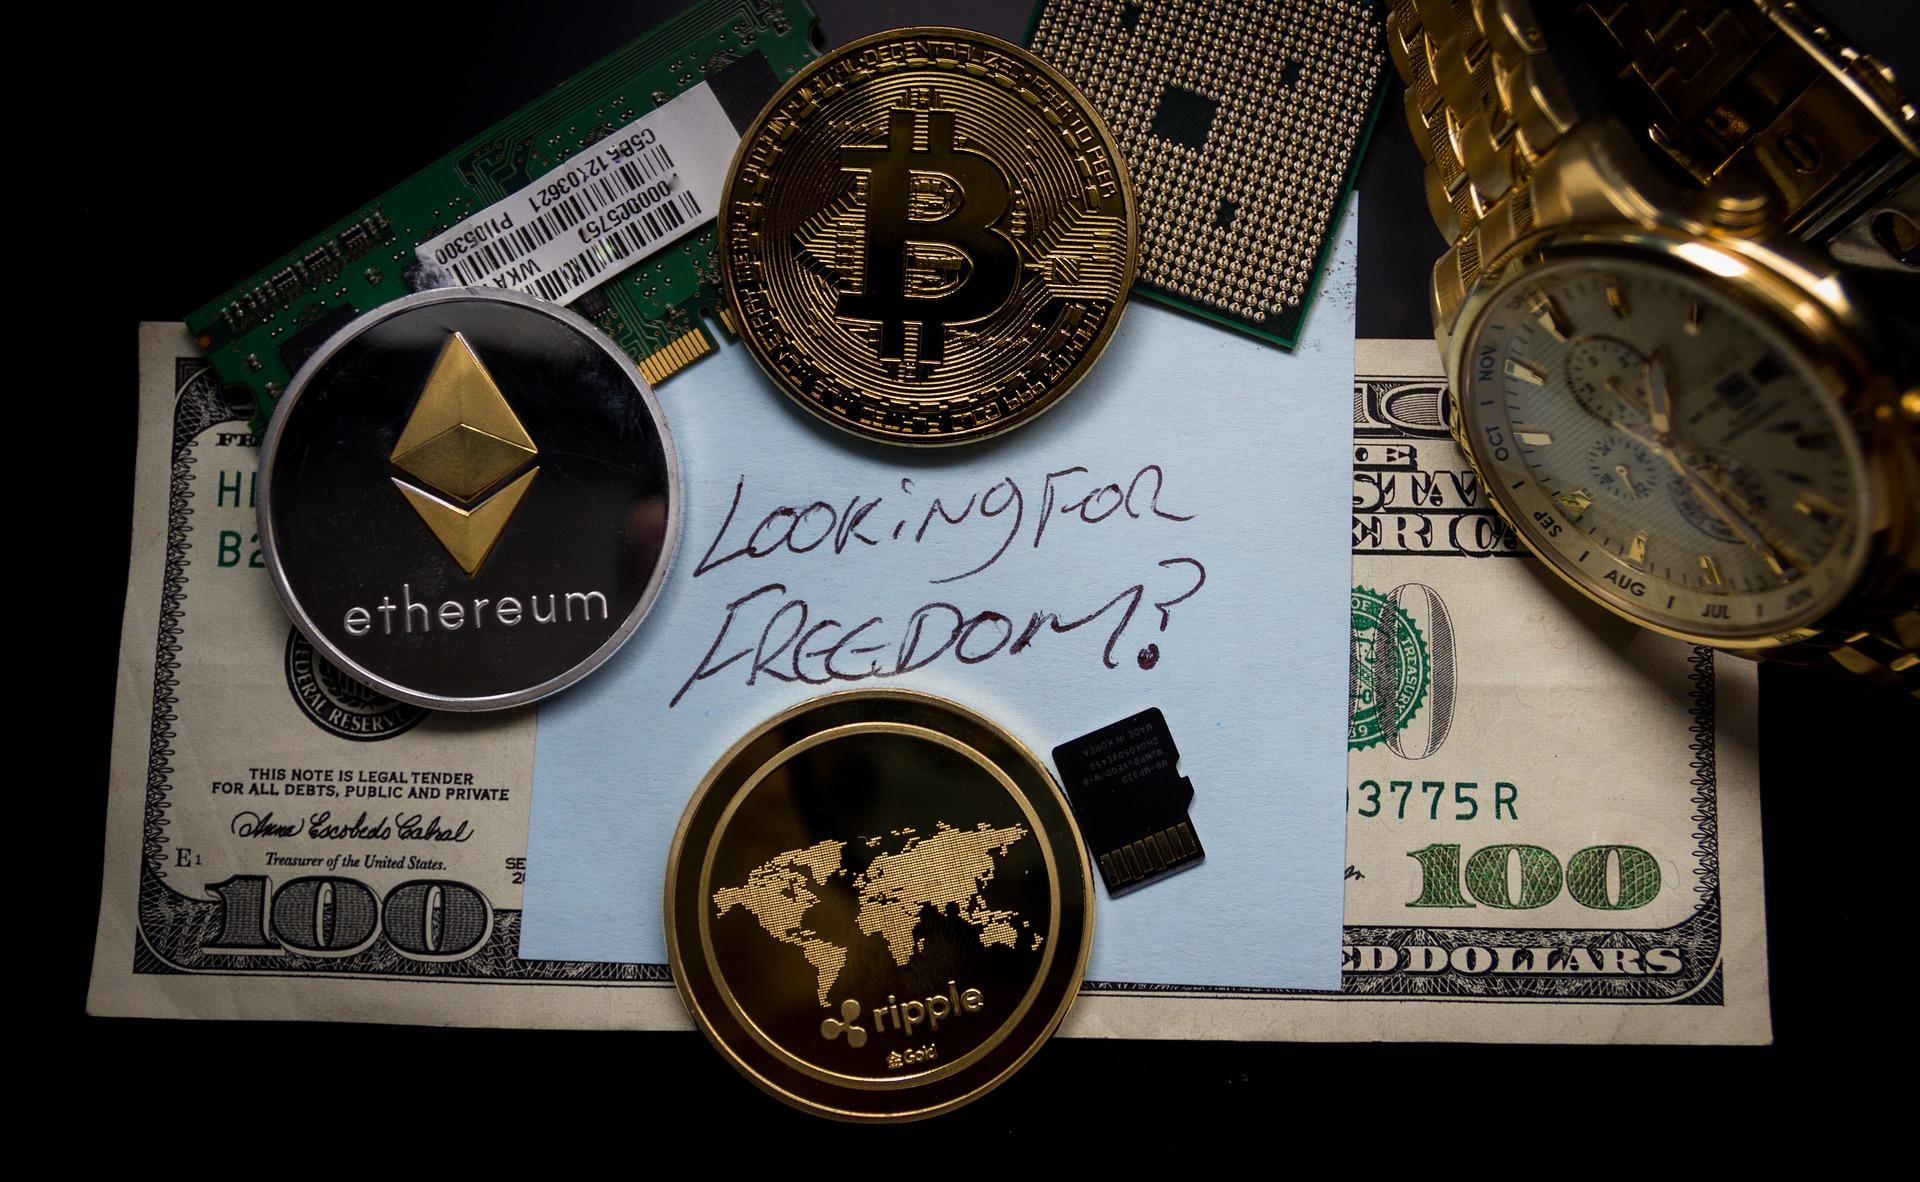 mikor lesz vége a bitcoinnak üzlet foglalkozik azzal, ami van